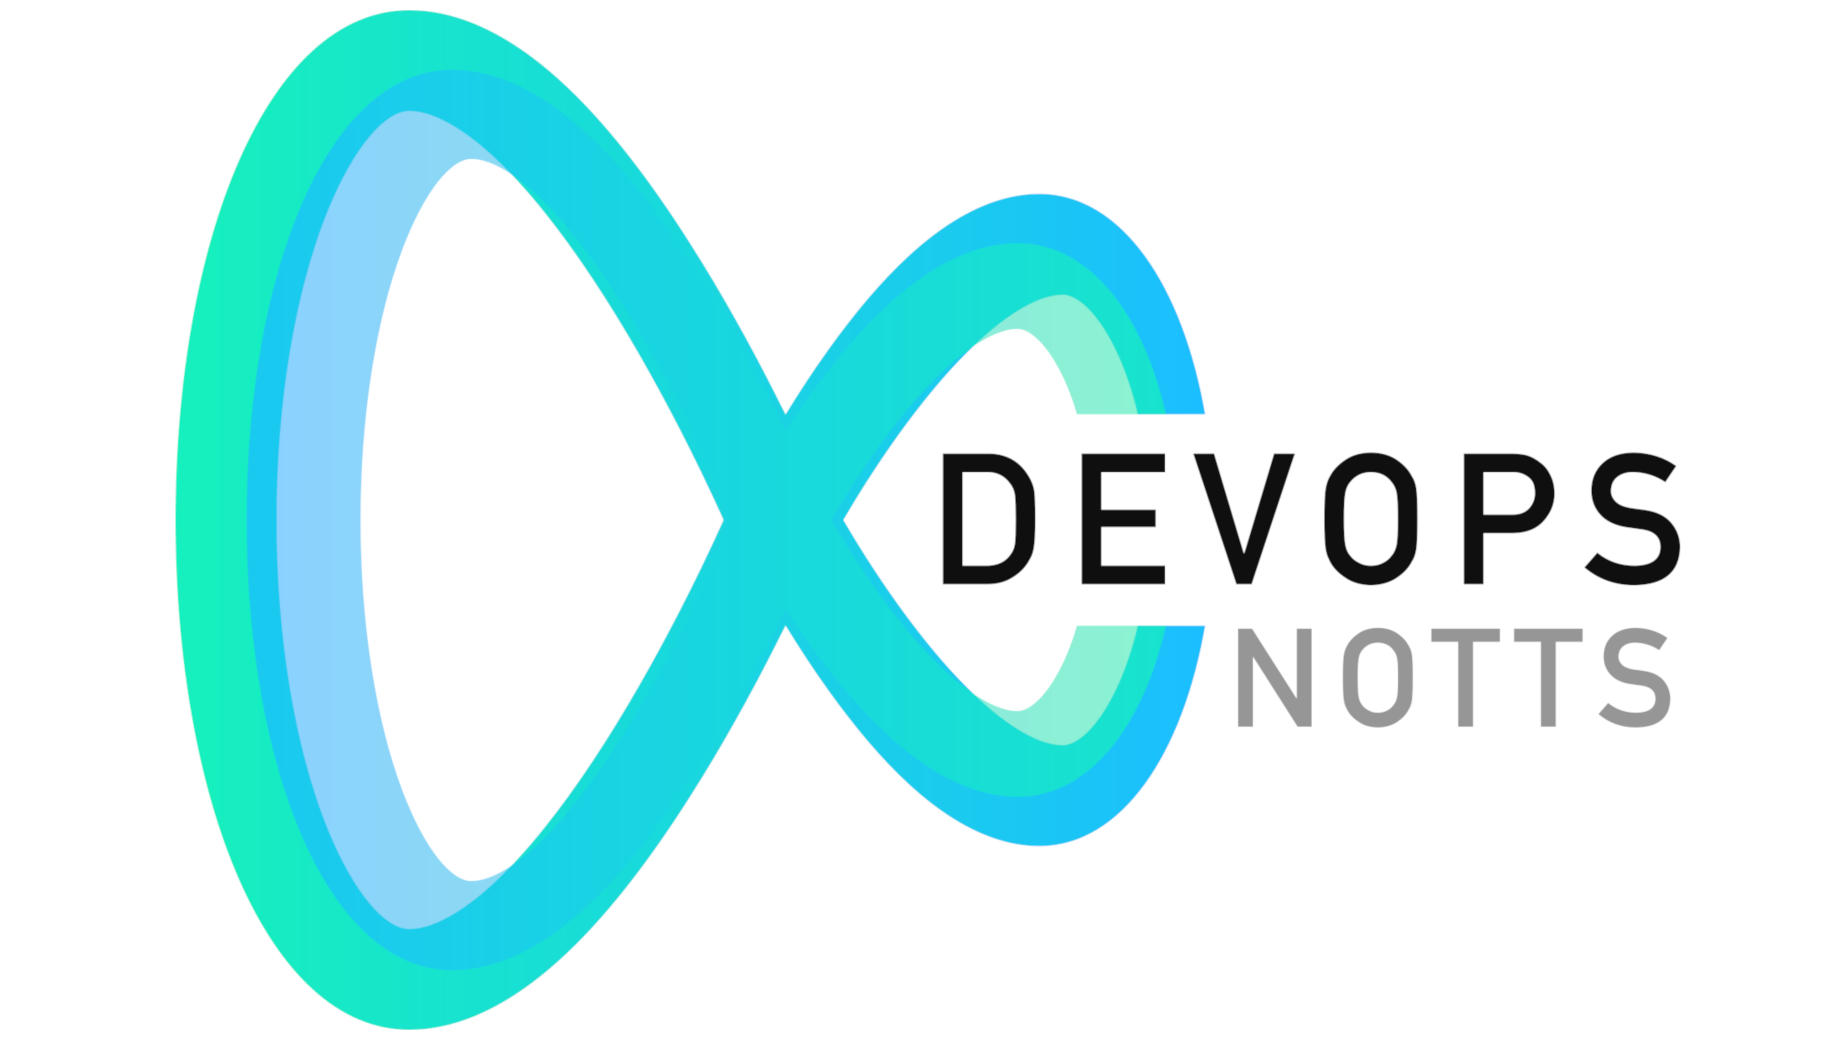 DevOps Notts